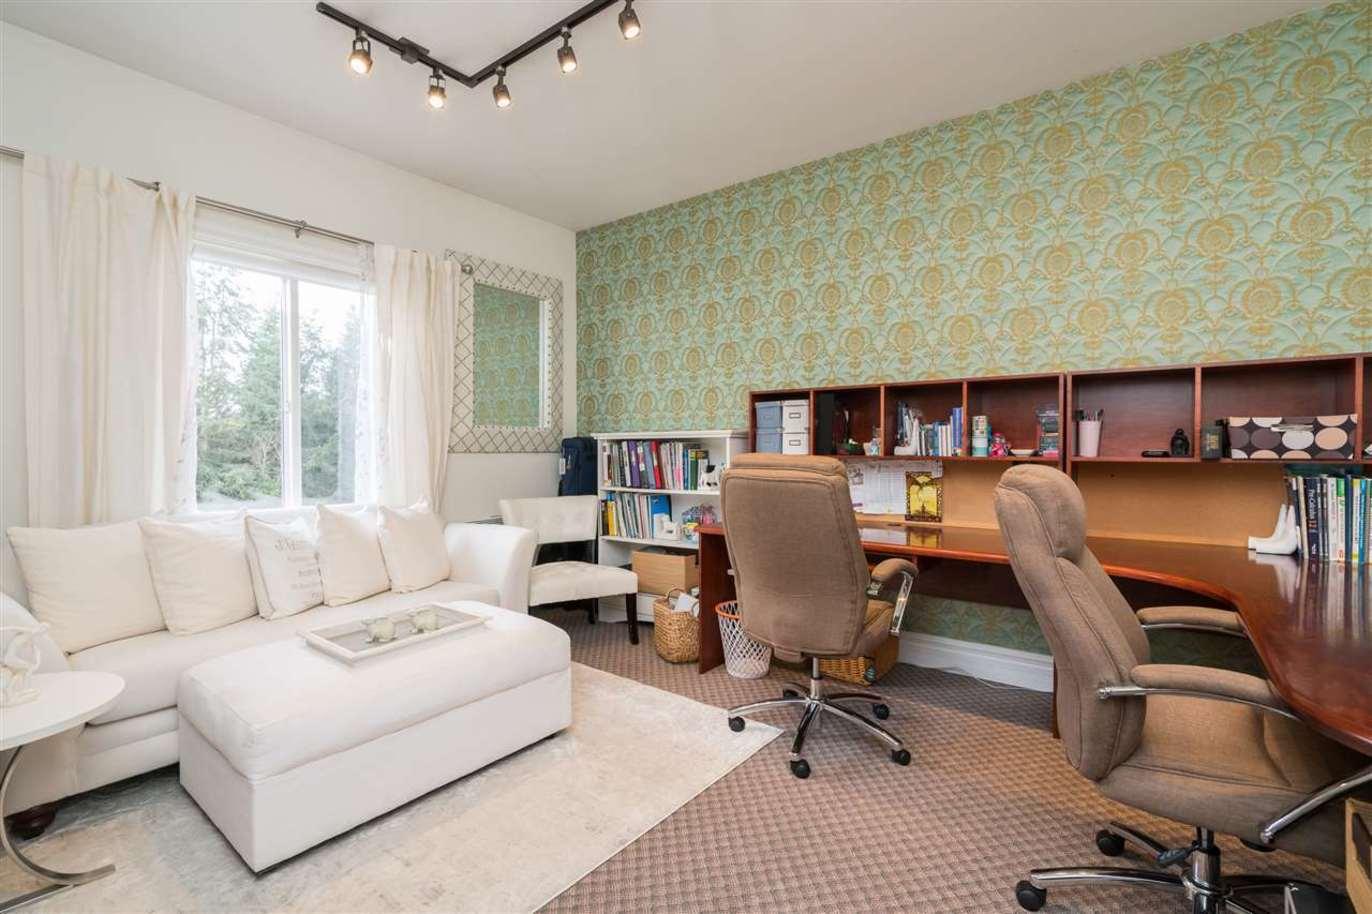 5355-186a-street-cloverdale-bc-cloverdale-16 at 5355 186a Street, Cloverdale BC, Cloverdale